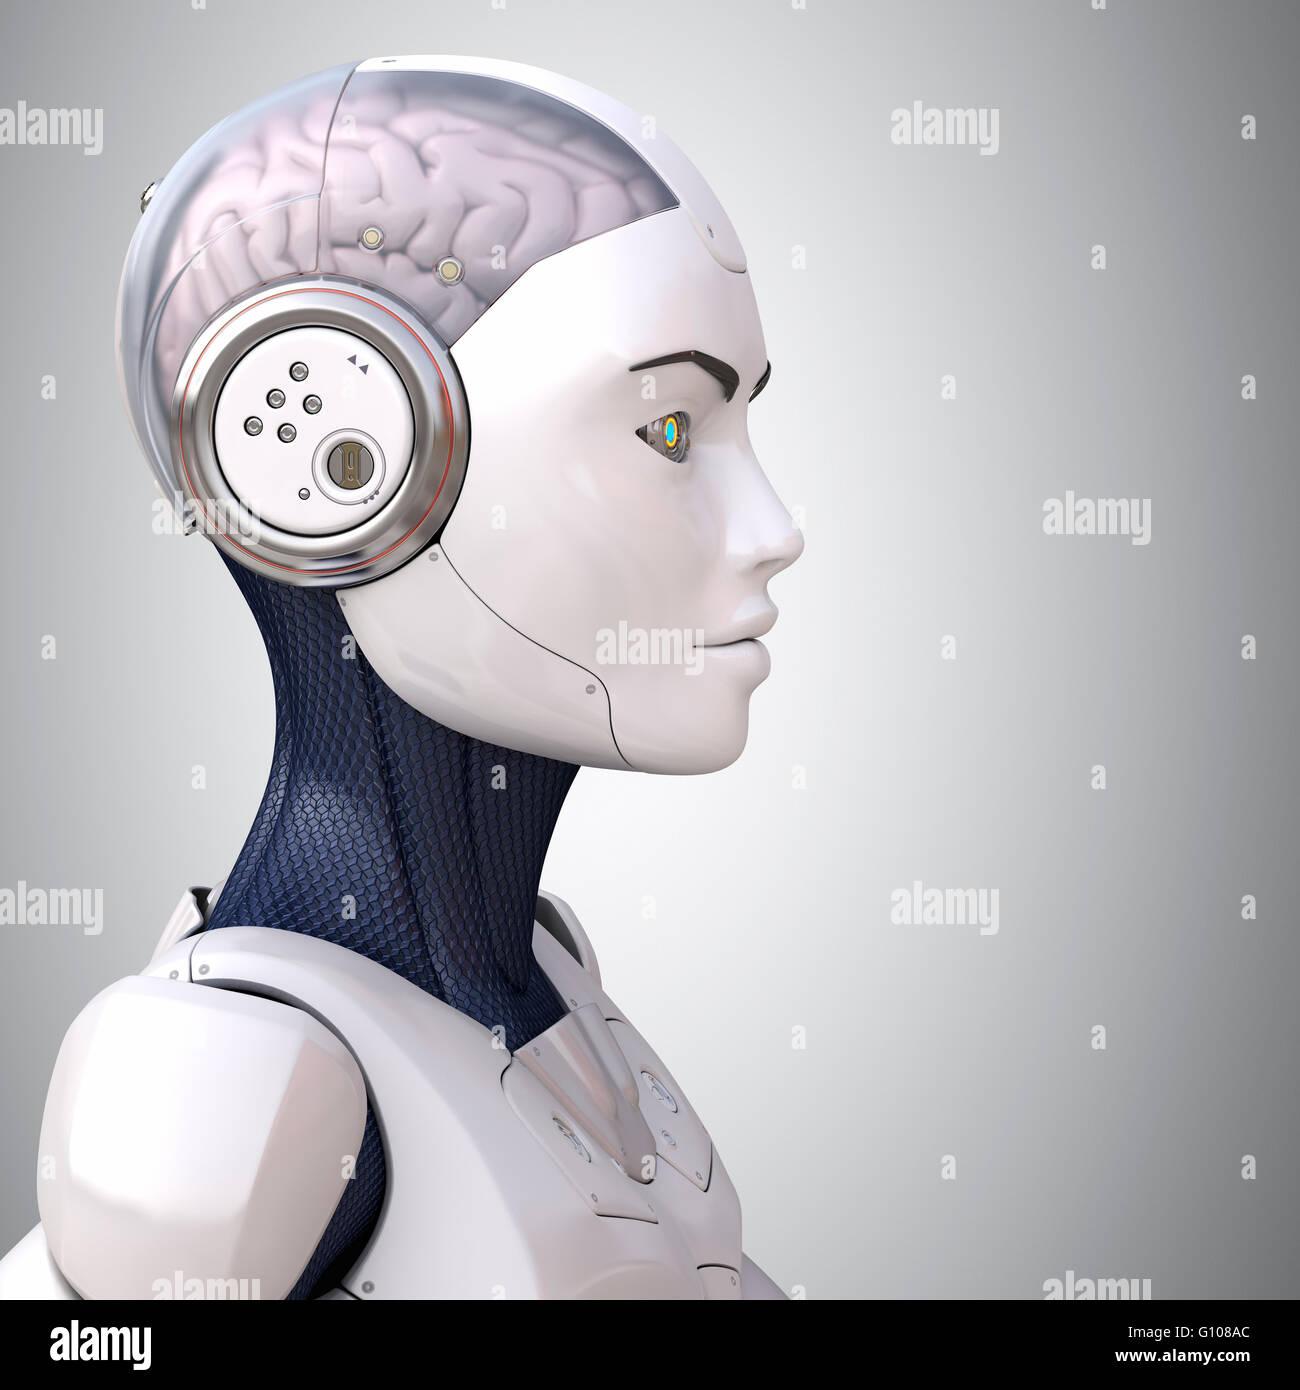 En el perfil de la cabeza del robot Imagen De Stock